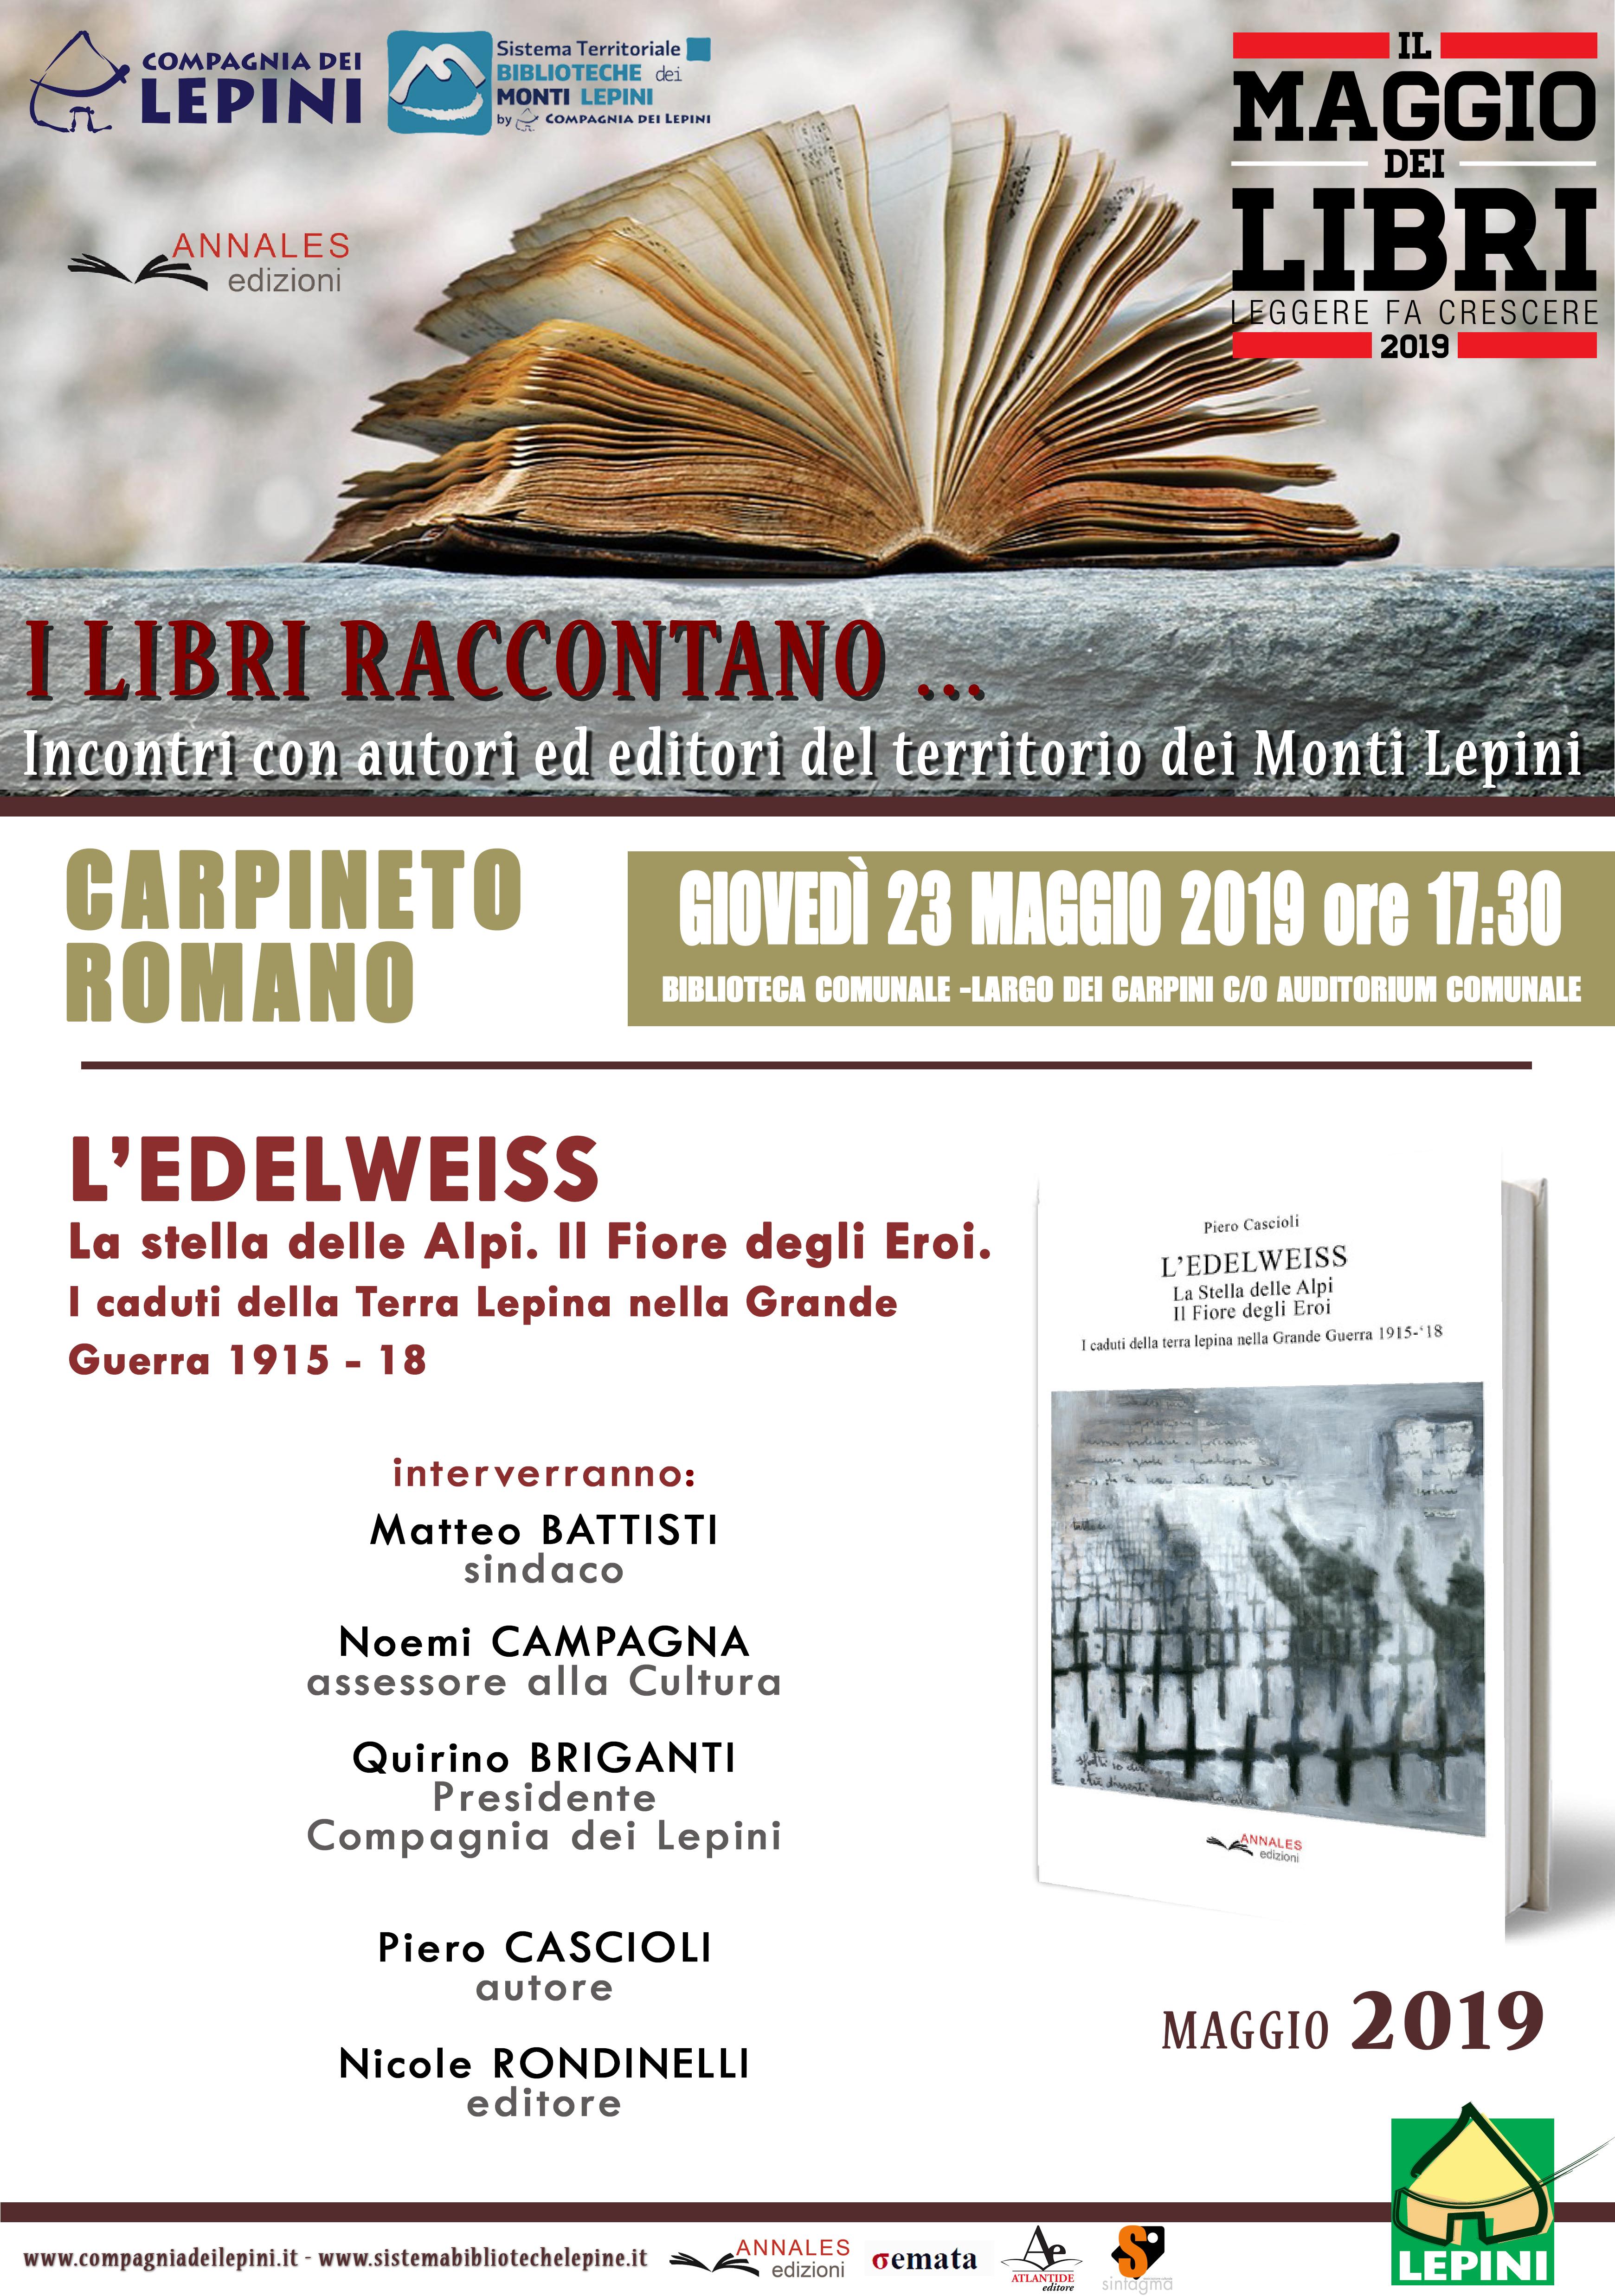 Carpineto Romano: Il Maggio dei libri @ Biblioteca comunale  | Carpineto Romano | Lazio | Italia